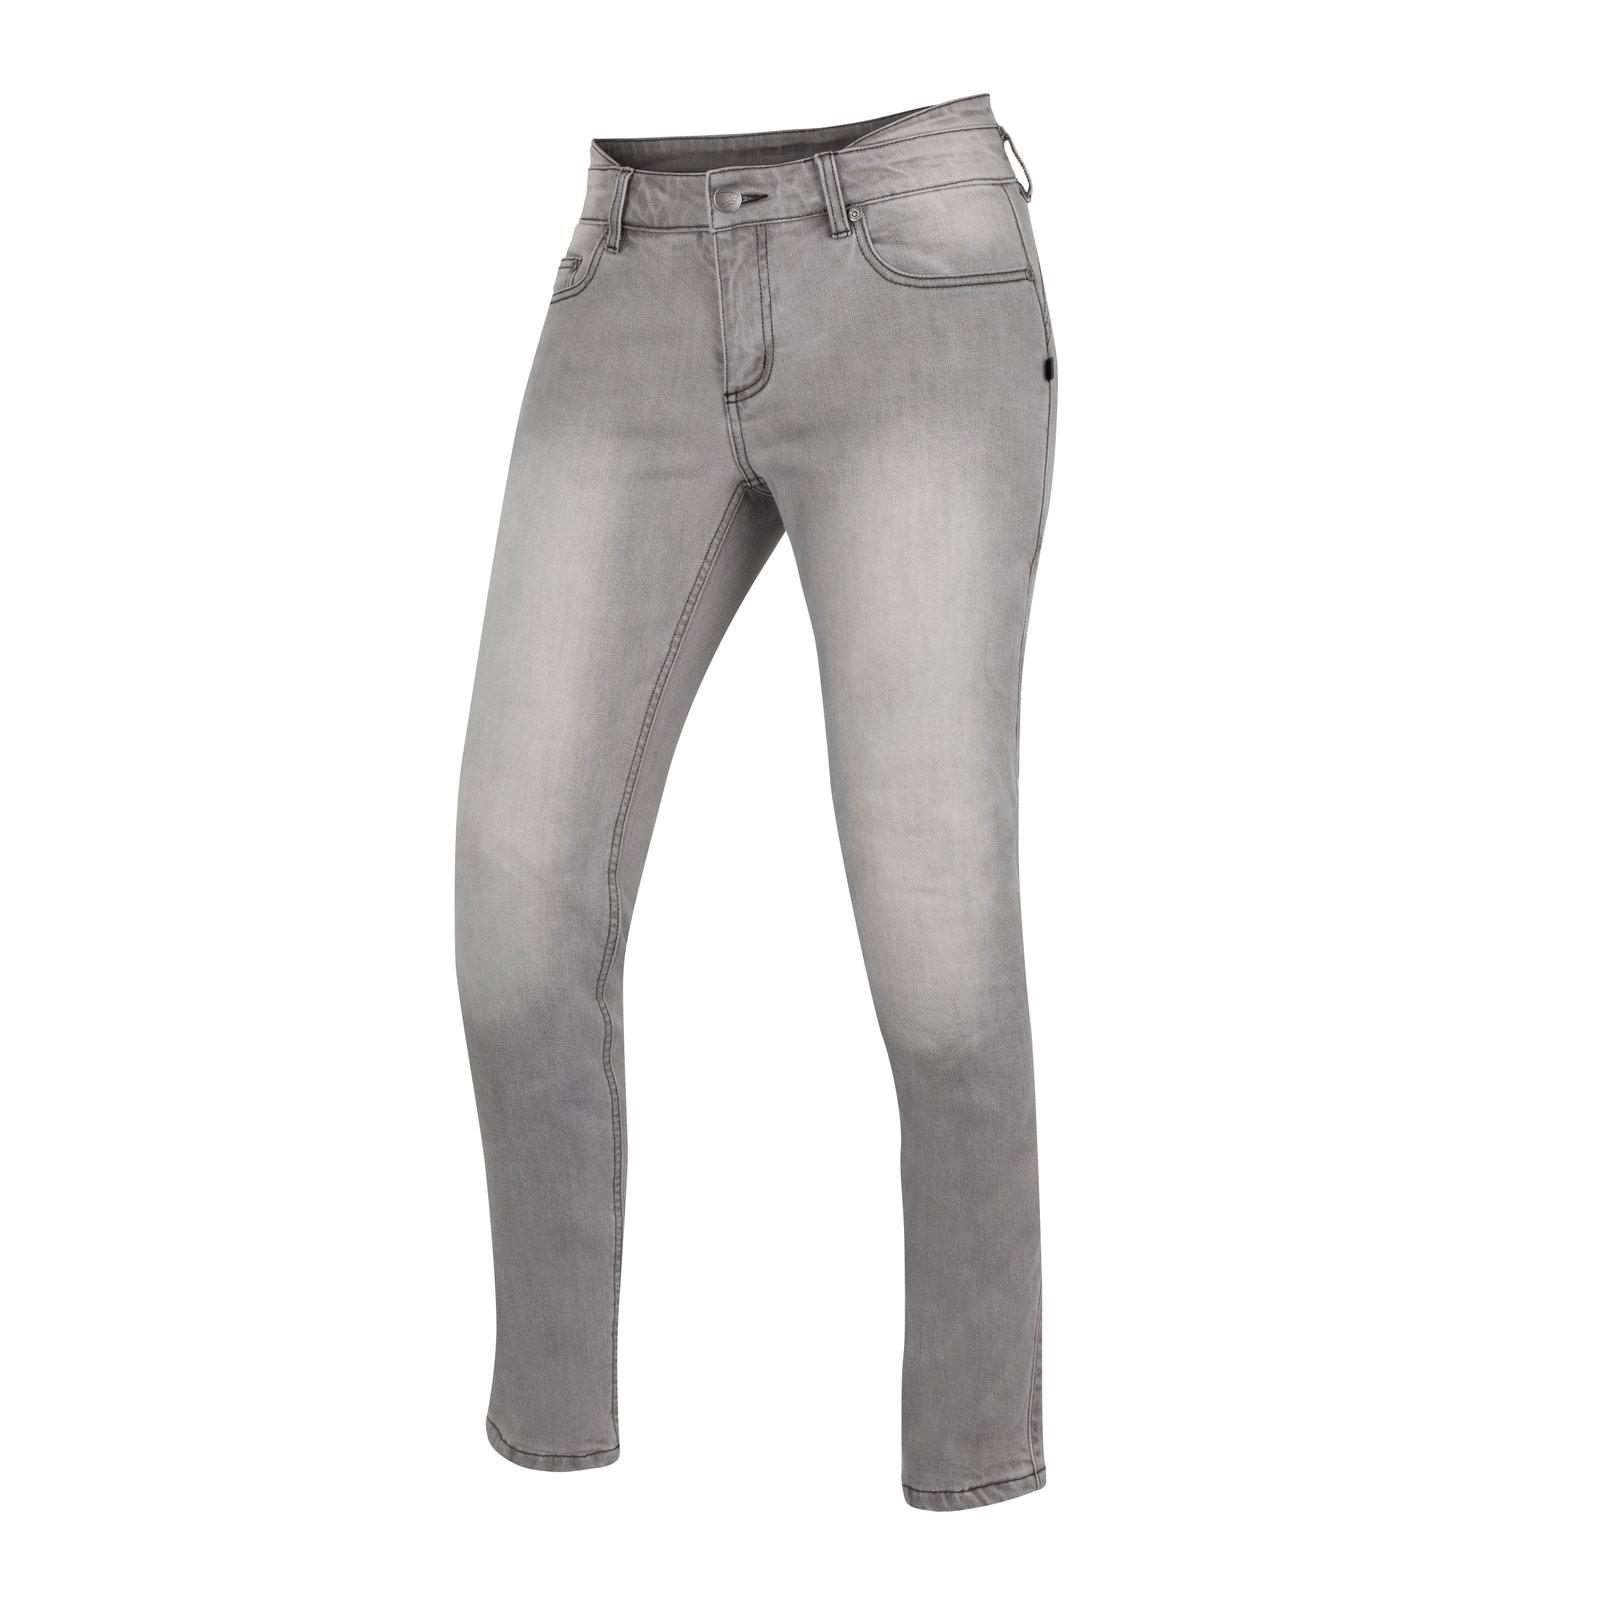 Pantalon LADY MARLOW Gris / BTP588